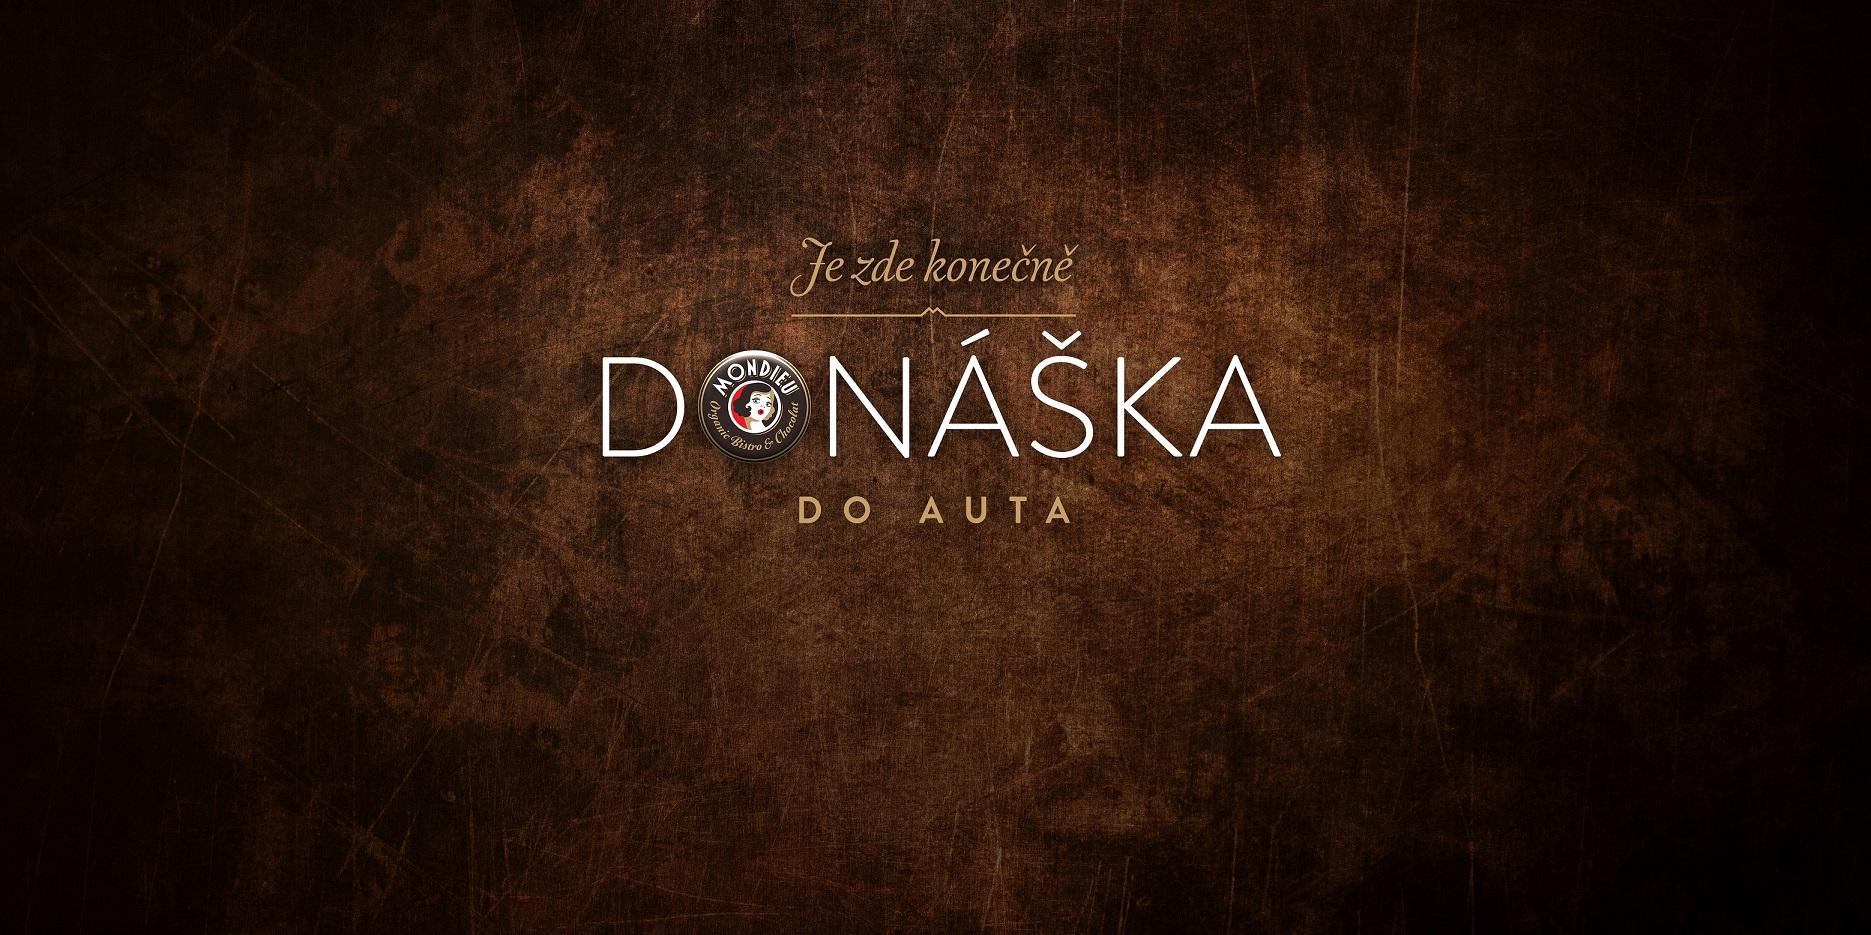 donaska-cz-old